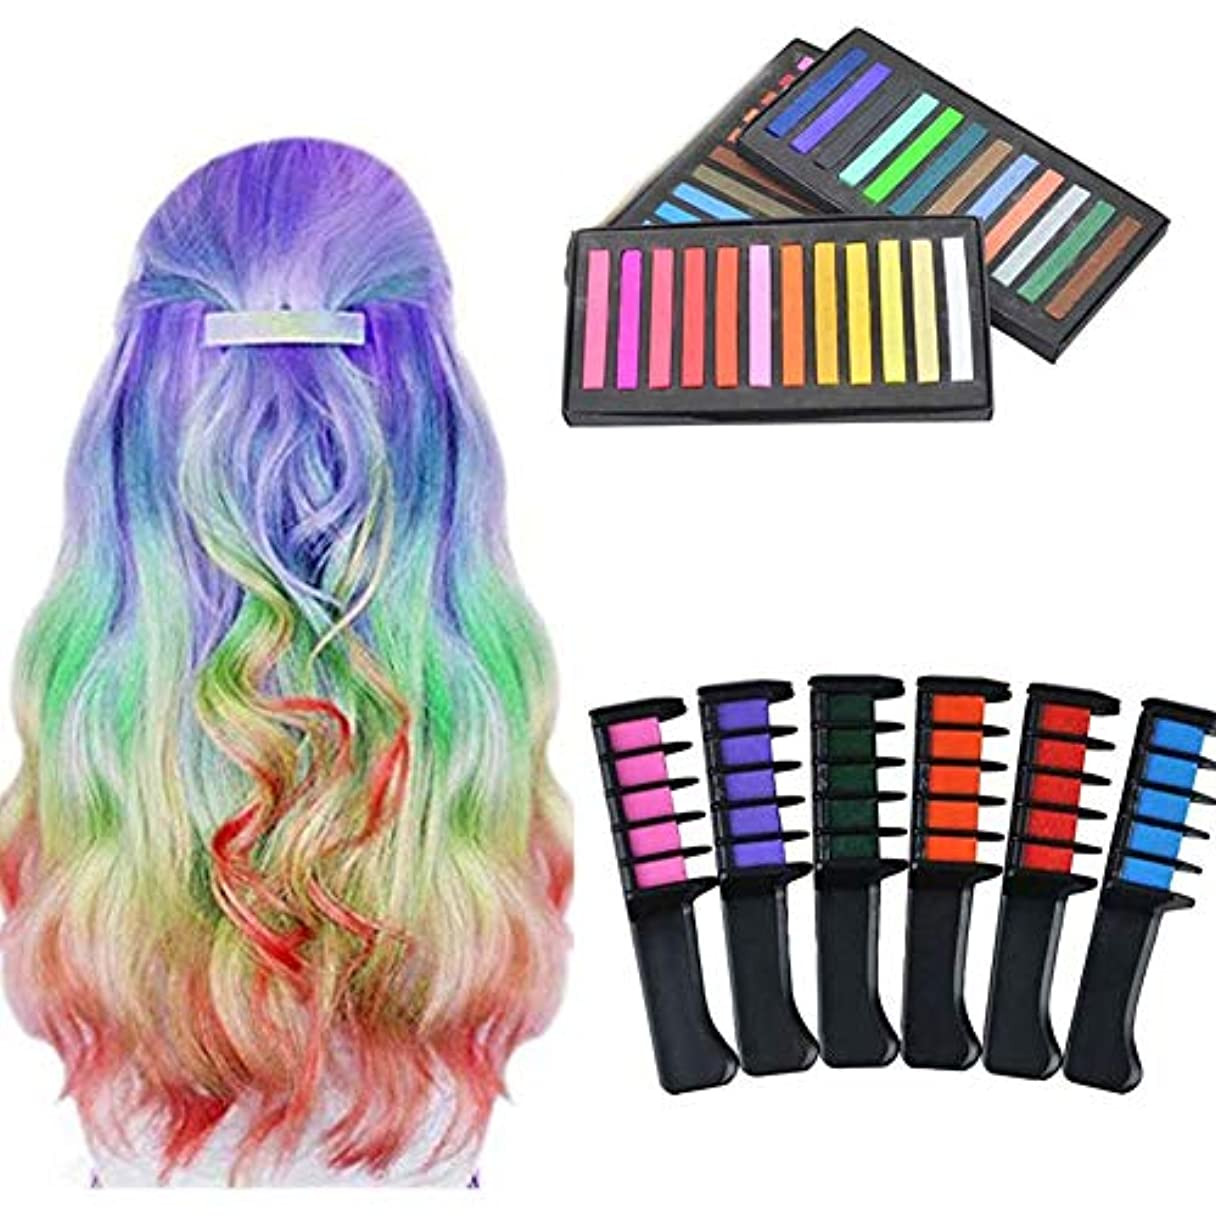 ヒューマニスティック告発観光キッズパーティー洗える髪染めペットキット(6色+ 36色ヘアスティック)のための髪染料チョーク櫛一時的な色